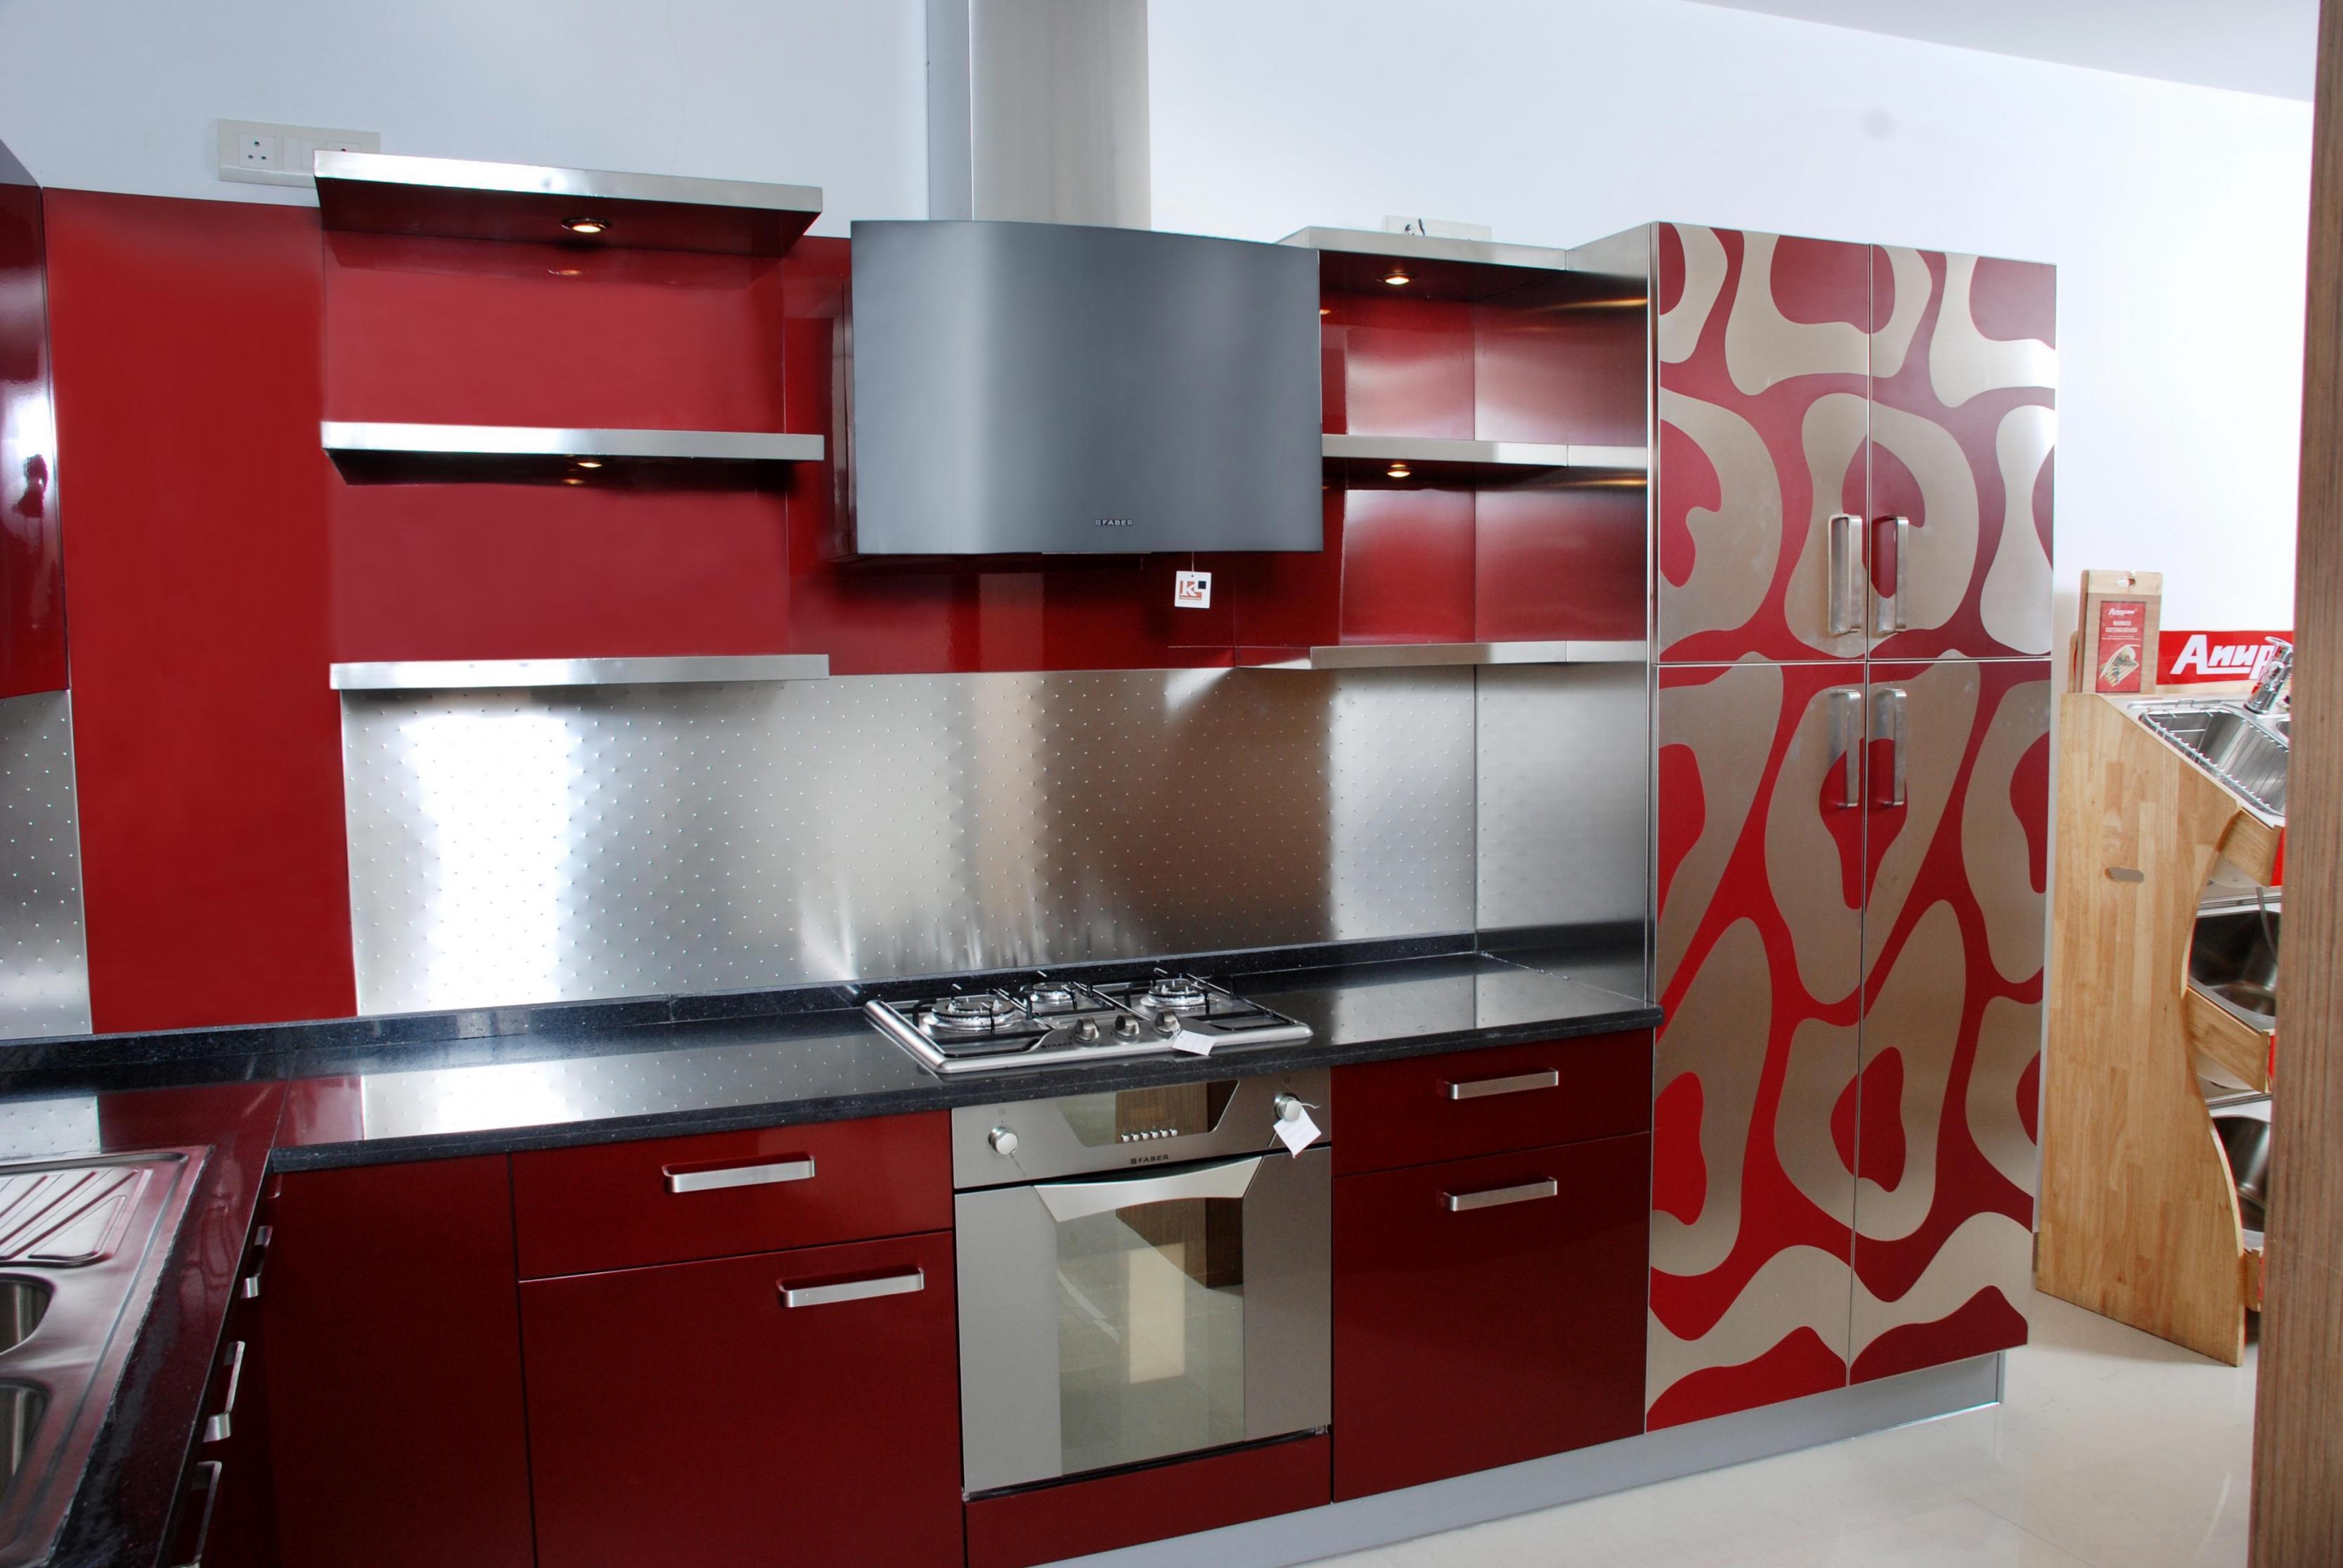 بالصور ديكور مطبخ , صممي مطبخك على ذوقك انتي وزوجك 5276 24